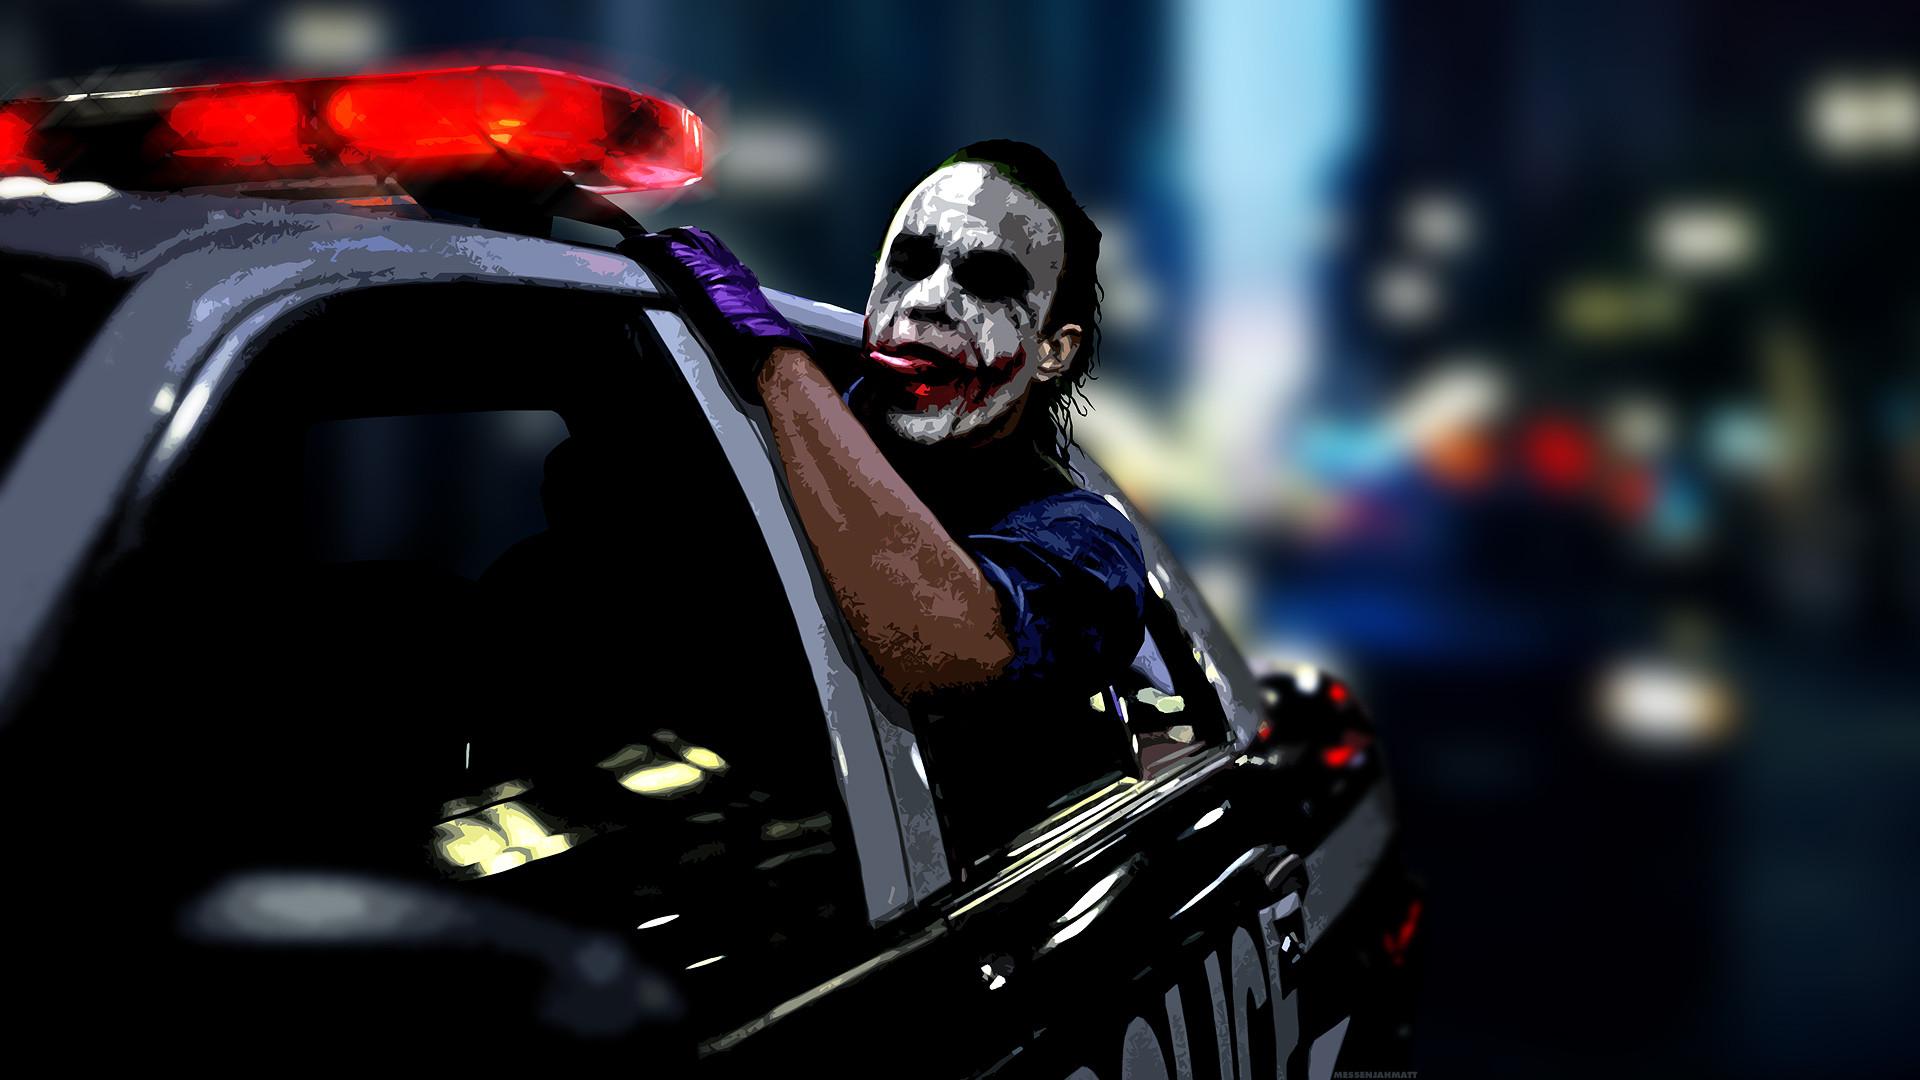 Joker in police car Poster Batman HD Wallpapers of Joker 1920x1080